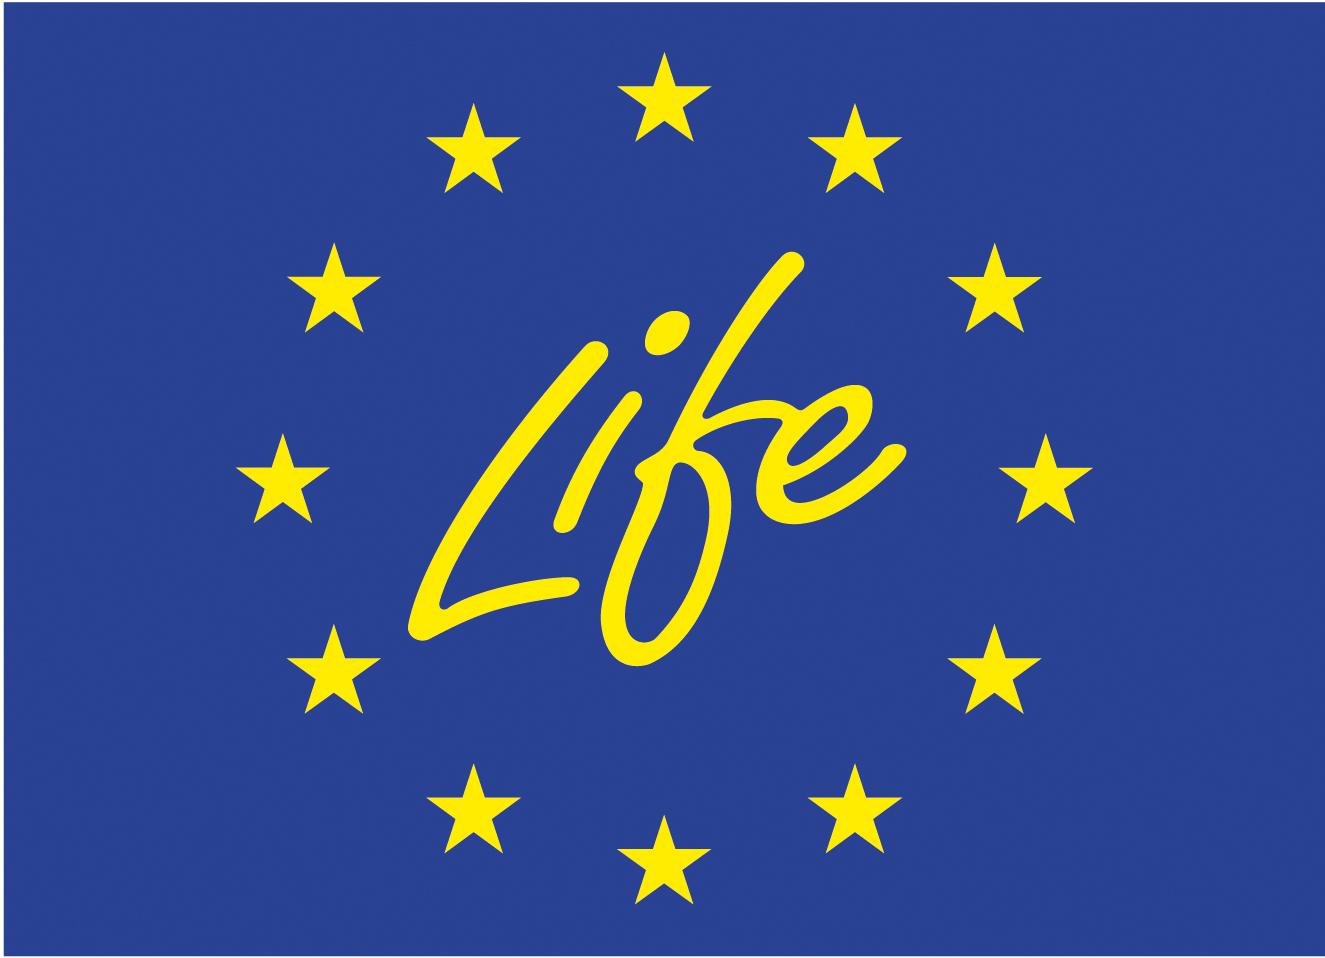 Roseate Tern EU LIFE project